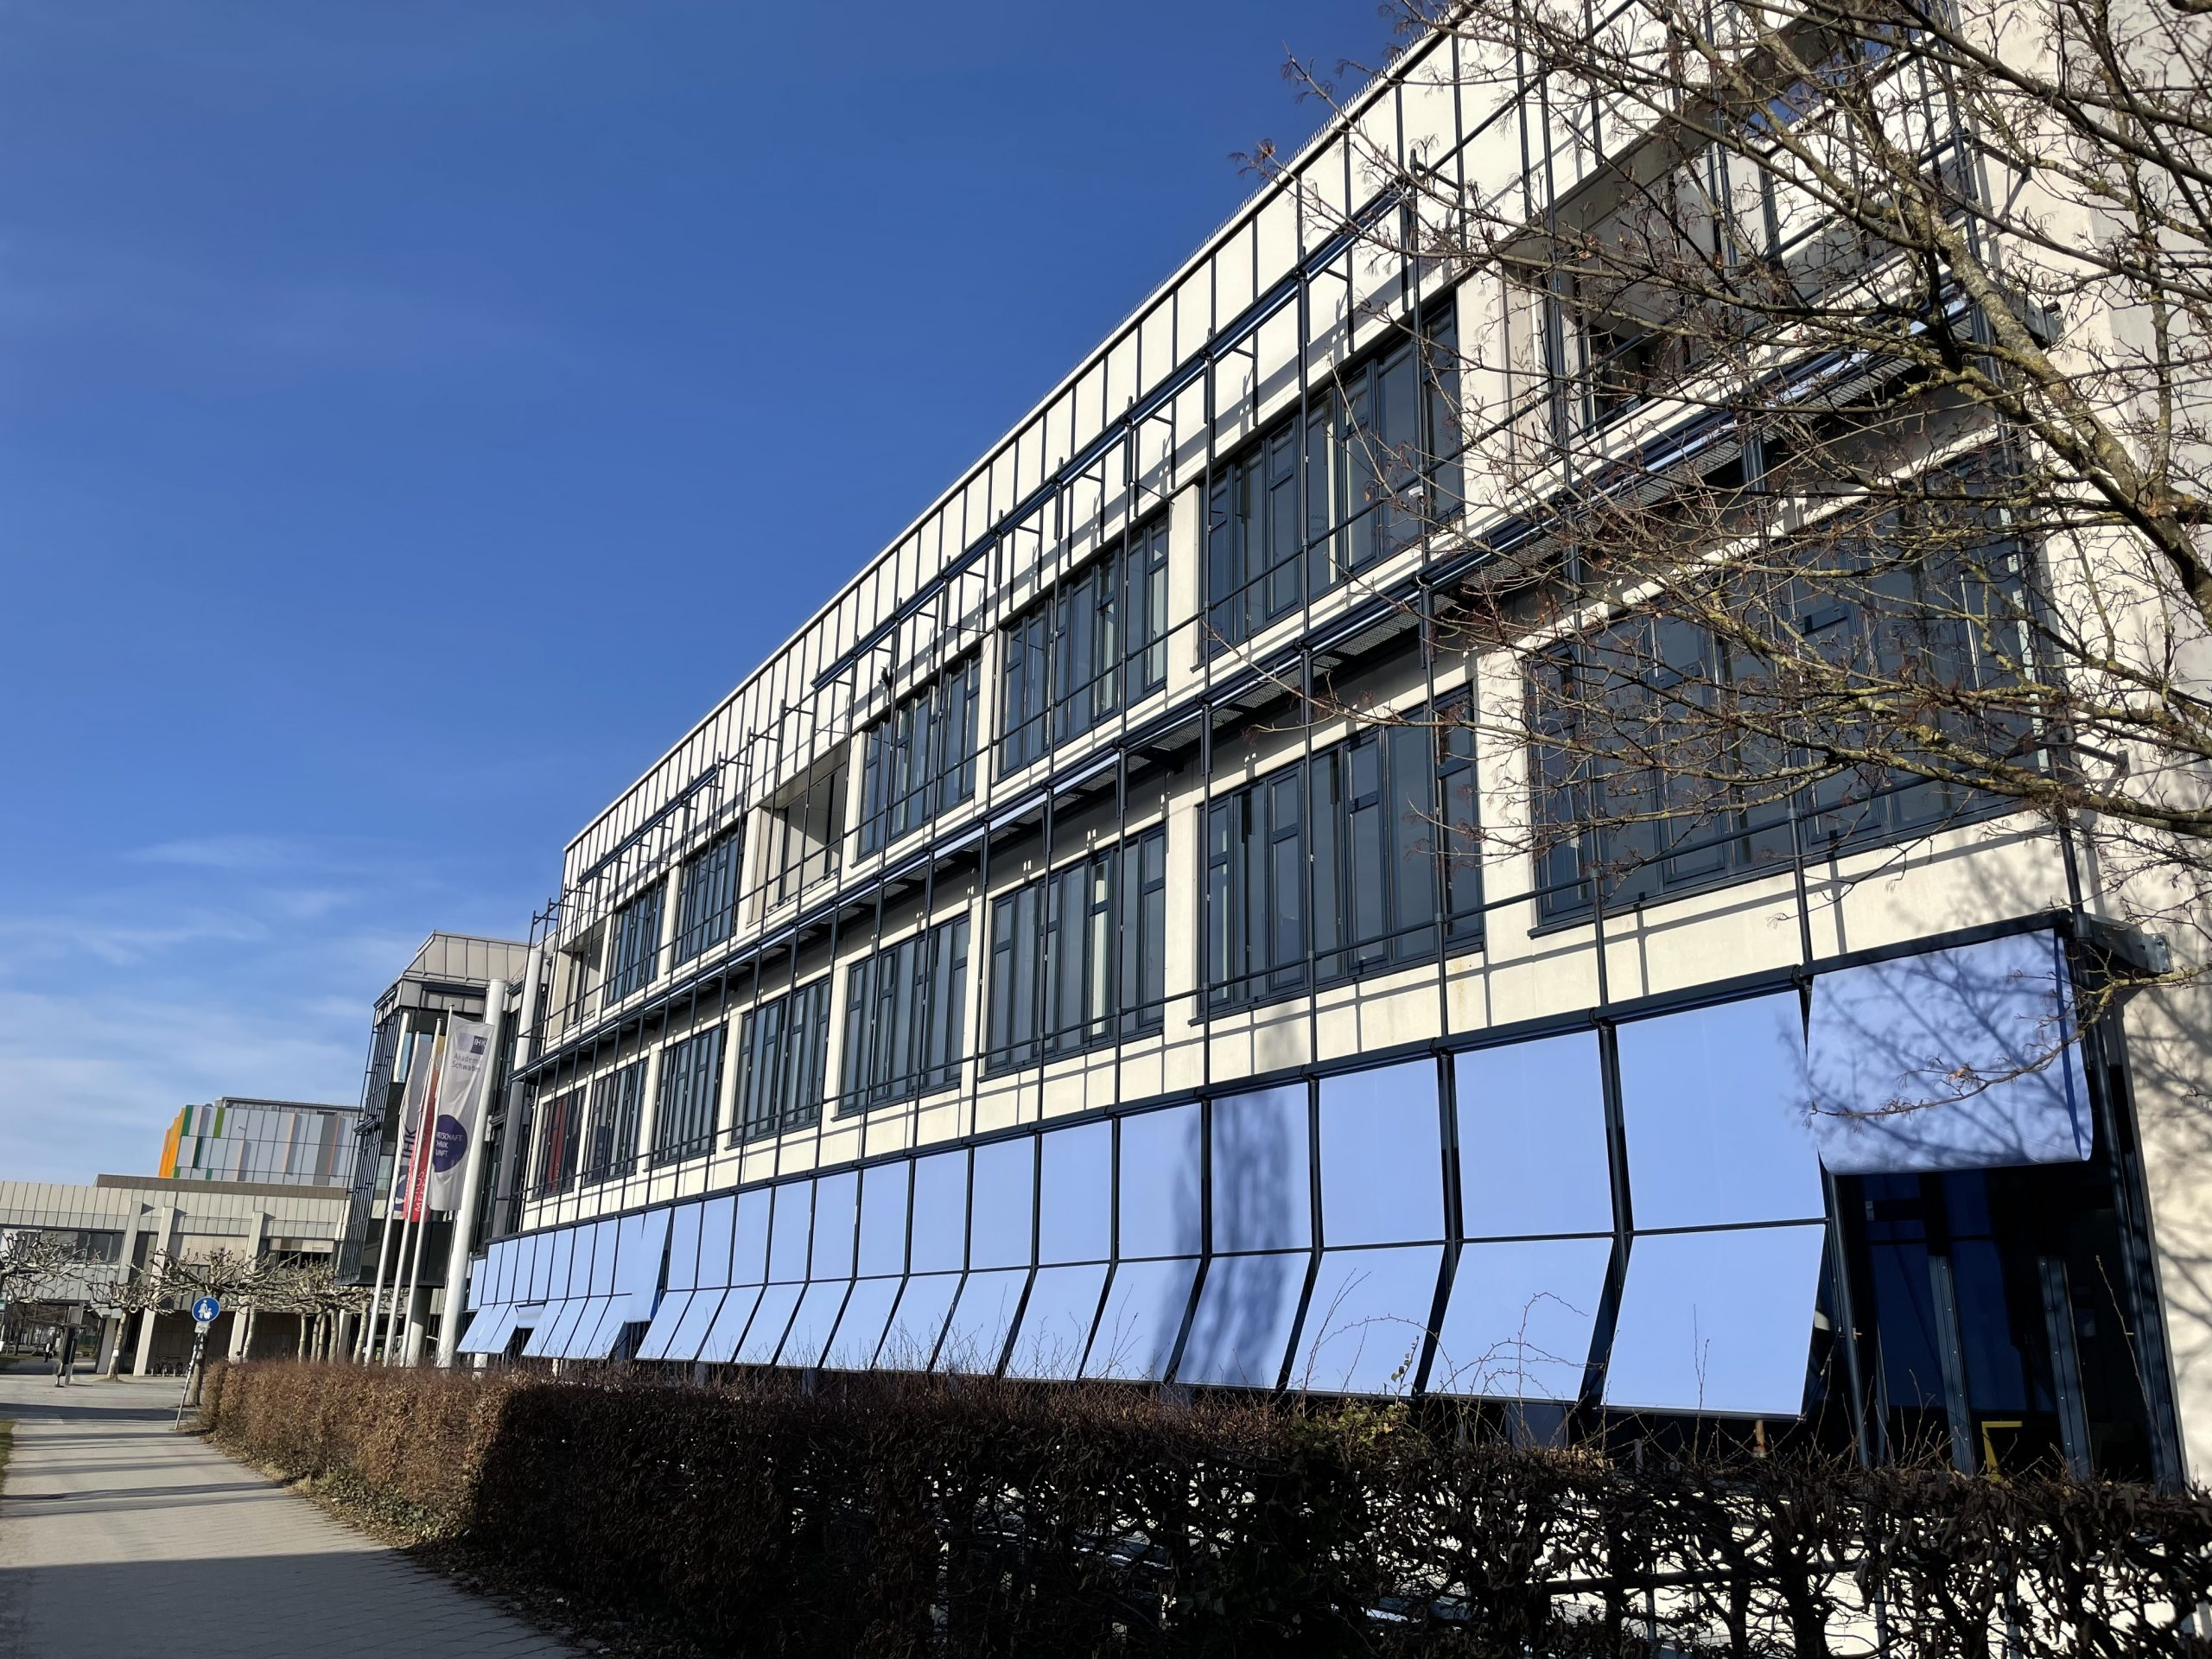 Büro der HAVAU Hausverwaltung in Augsburg